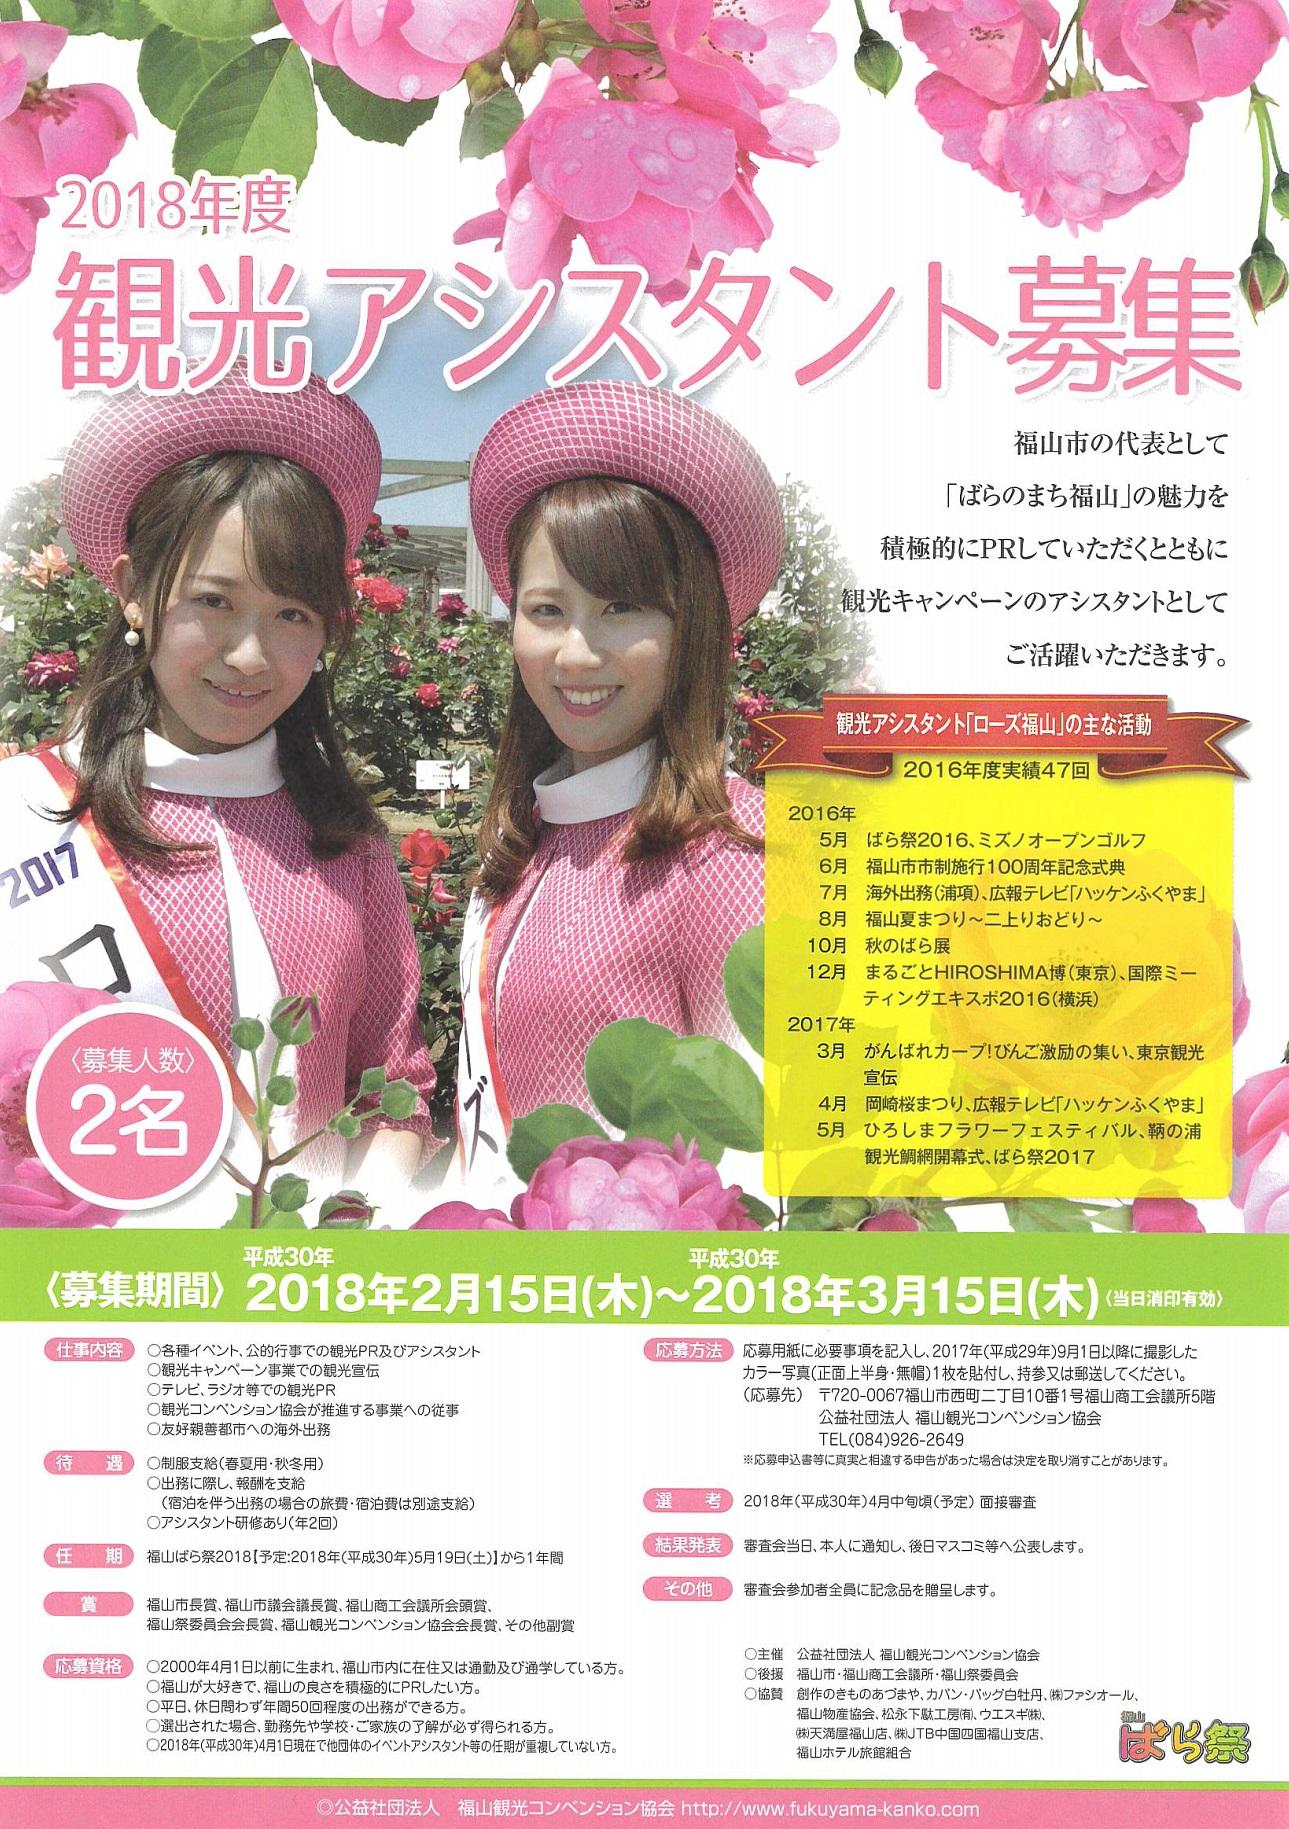 福山市が2018年の観光アシスタントを募集